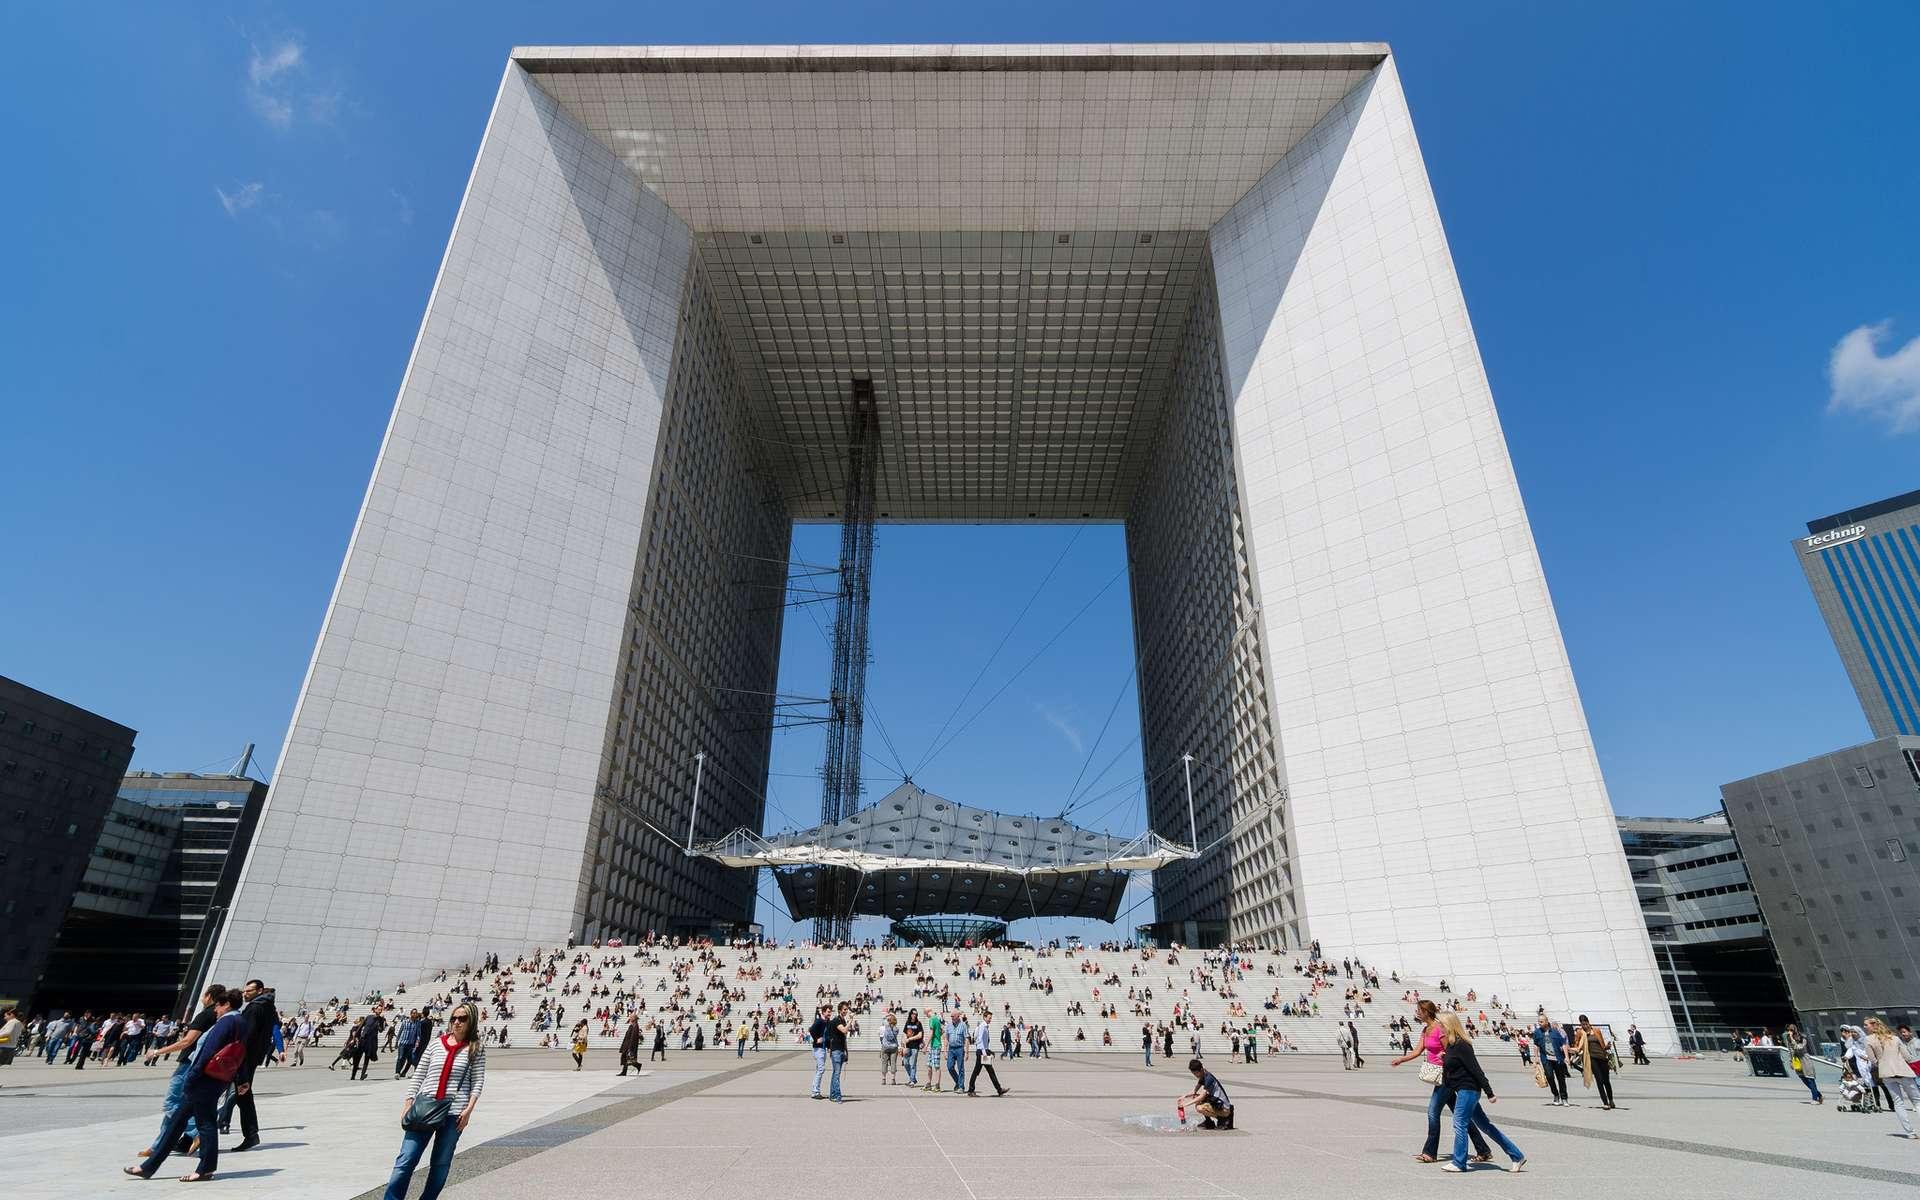 L'arche de la Défense à Paris mesure 110 mètres de hauteur, elle est entièrement recouverte de plaques de verre. © Shepard4711, Flickr, CC by-sa 2.0